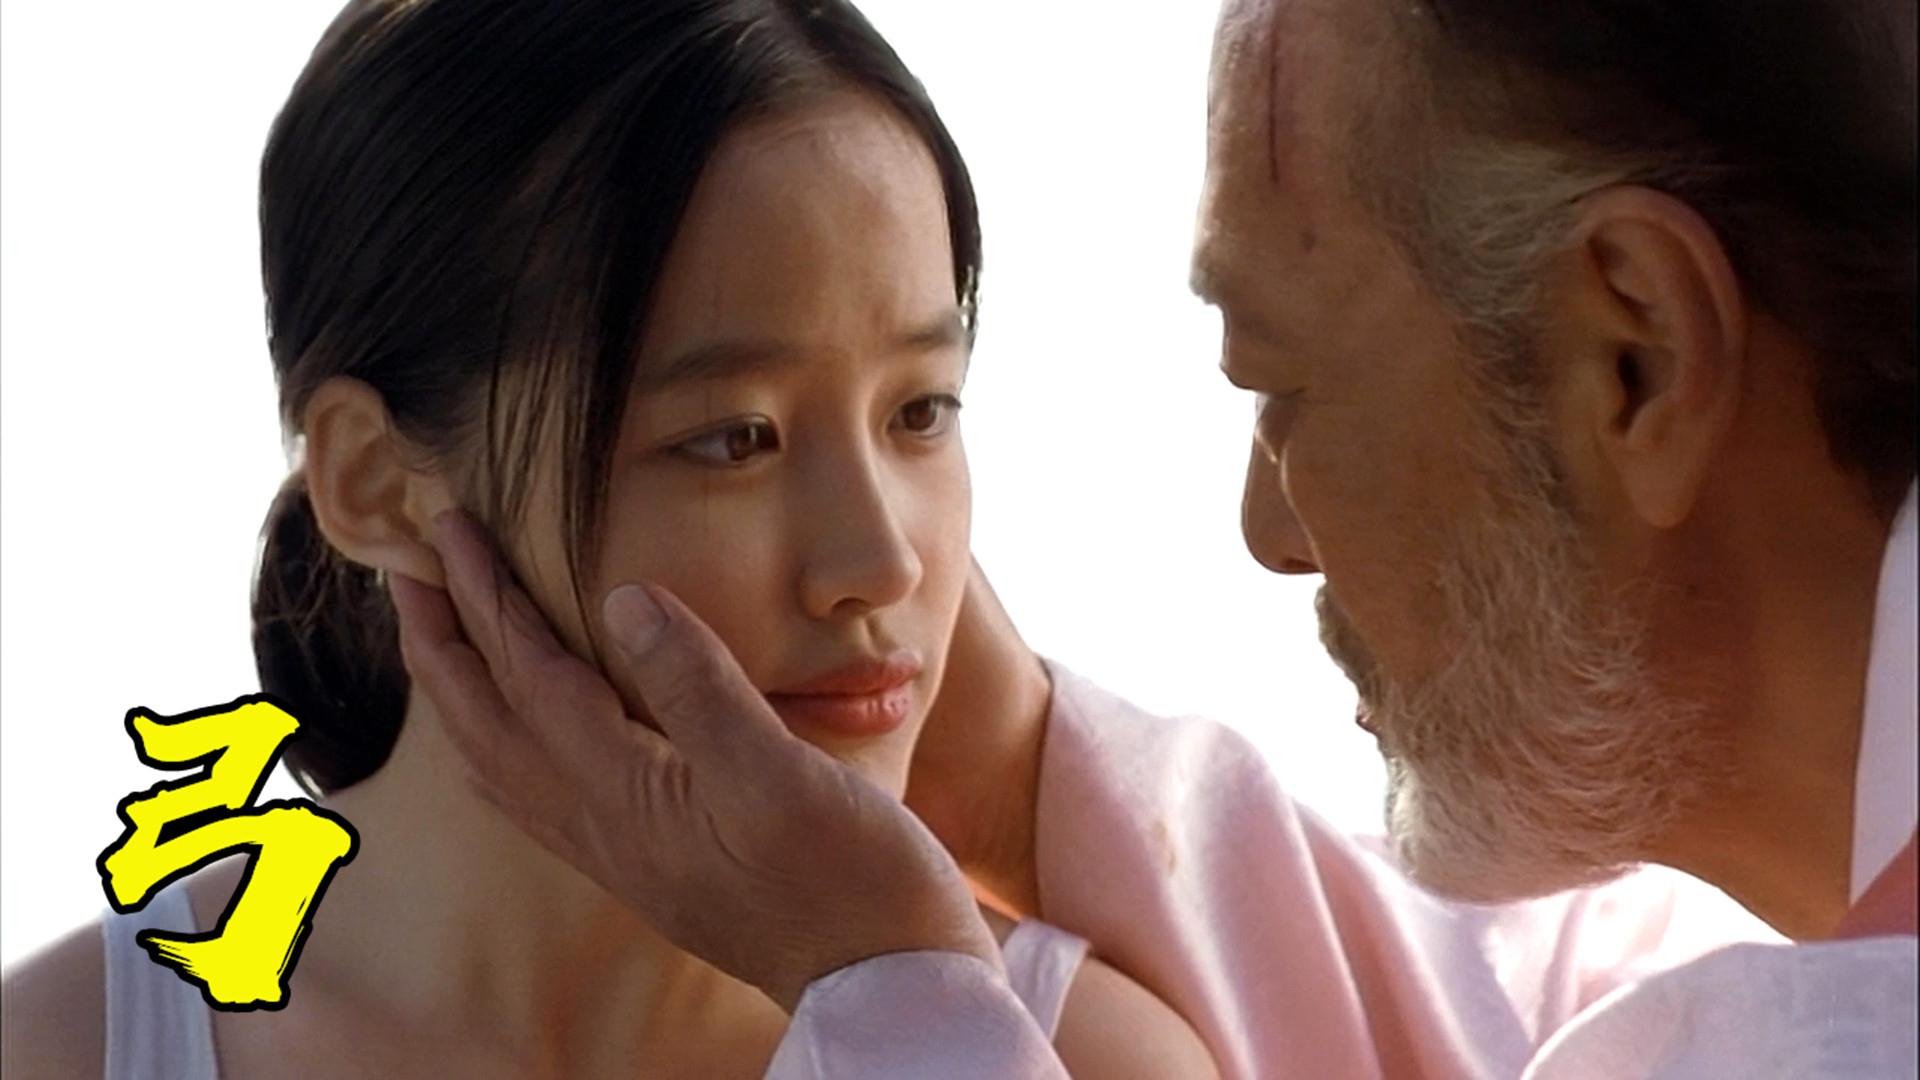 韩国高分伦理电影,因尺度问题,让人不敢直视!